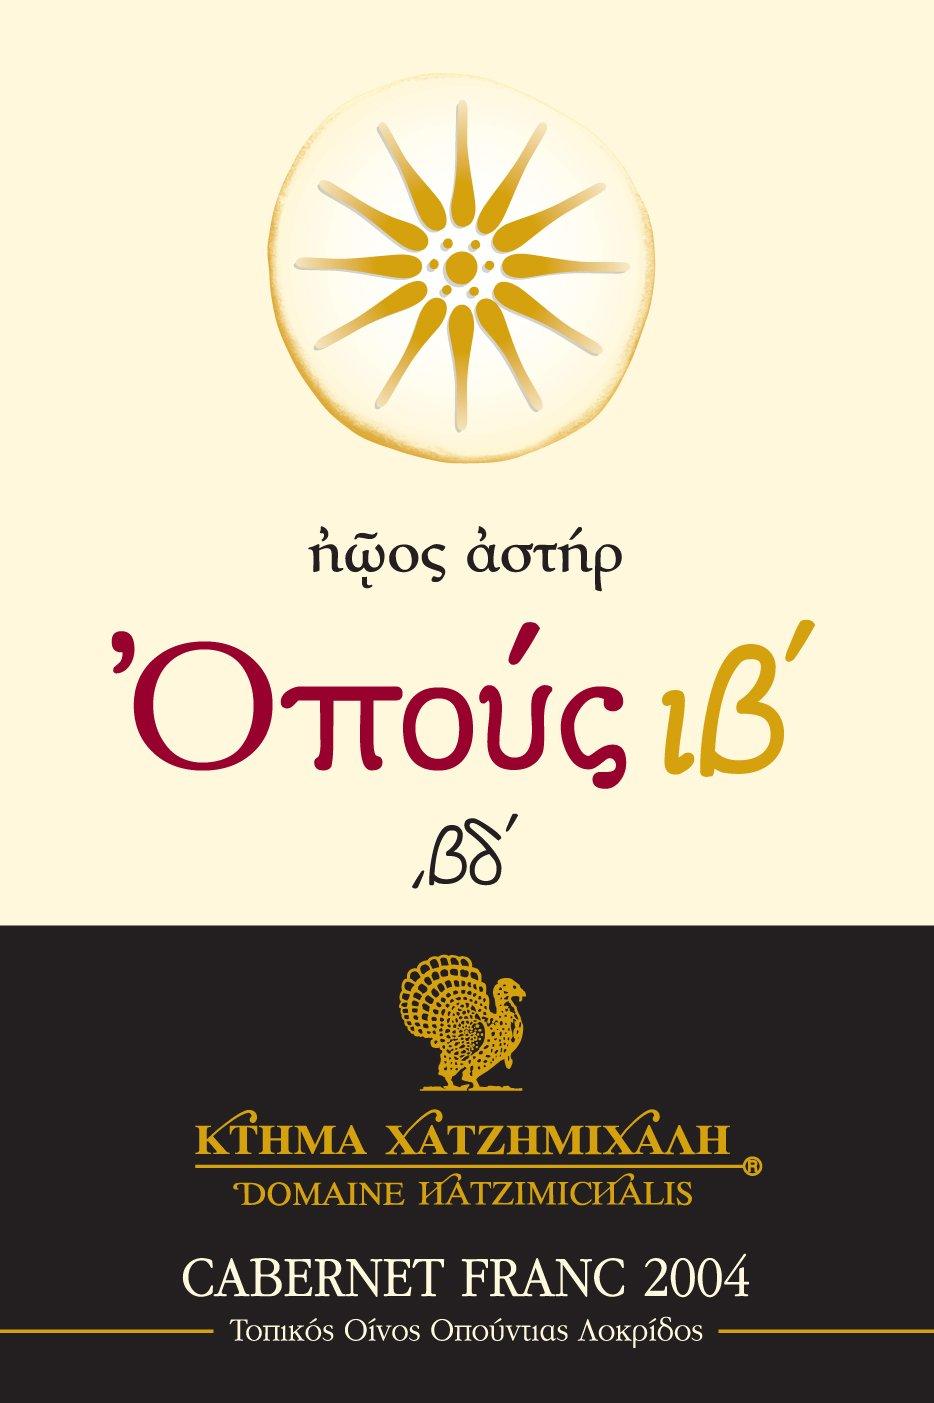 Opous Cabernet Franc Hatzimichalis